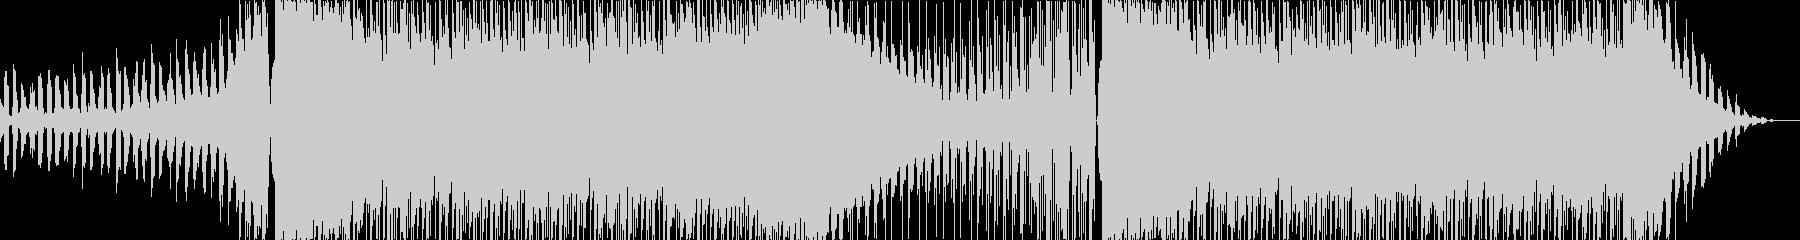 キャッチーで少しダークなEDMの未再生の波形